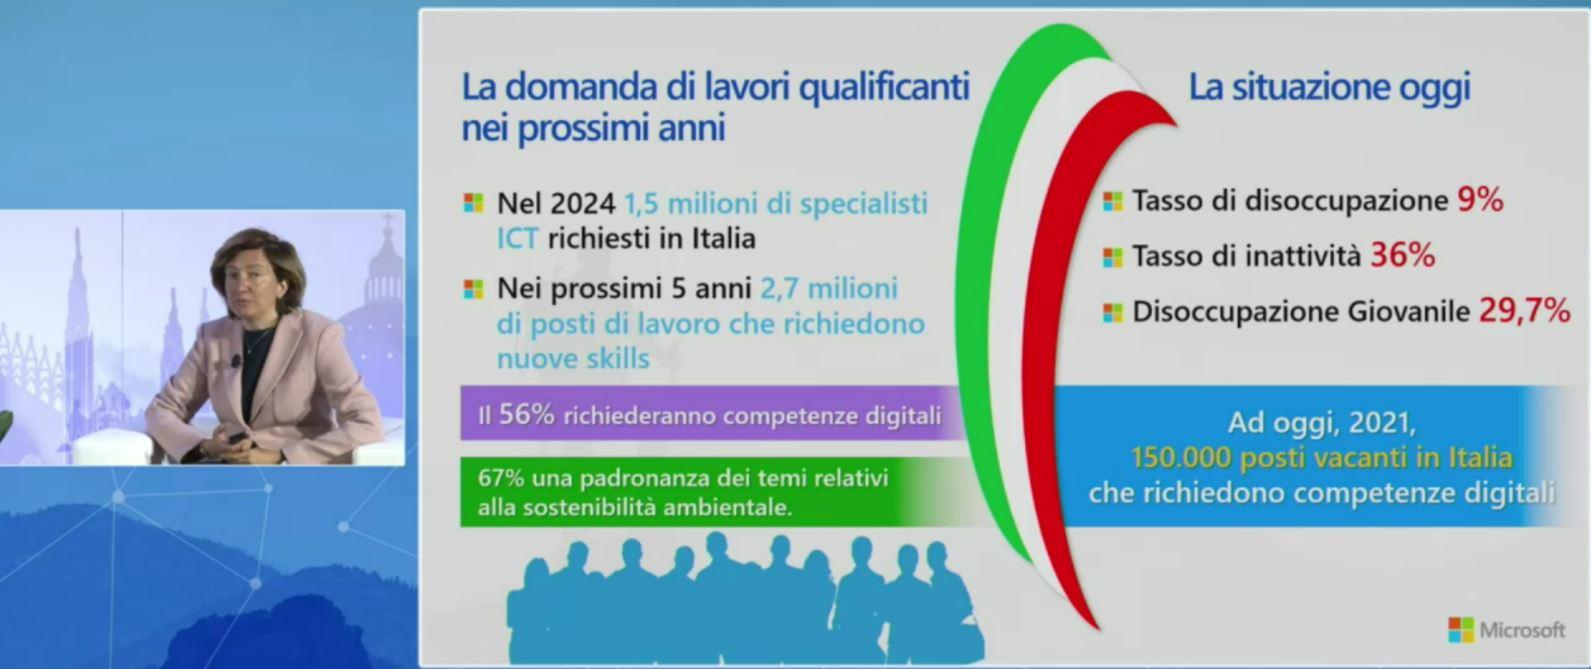 Silvia Candiani, amministratore delegato di Microsoft Italia - 2